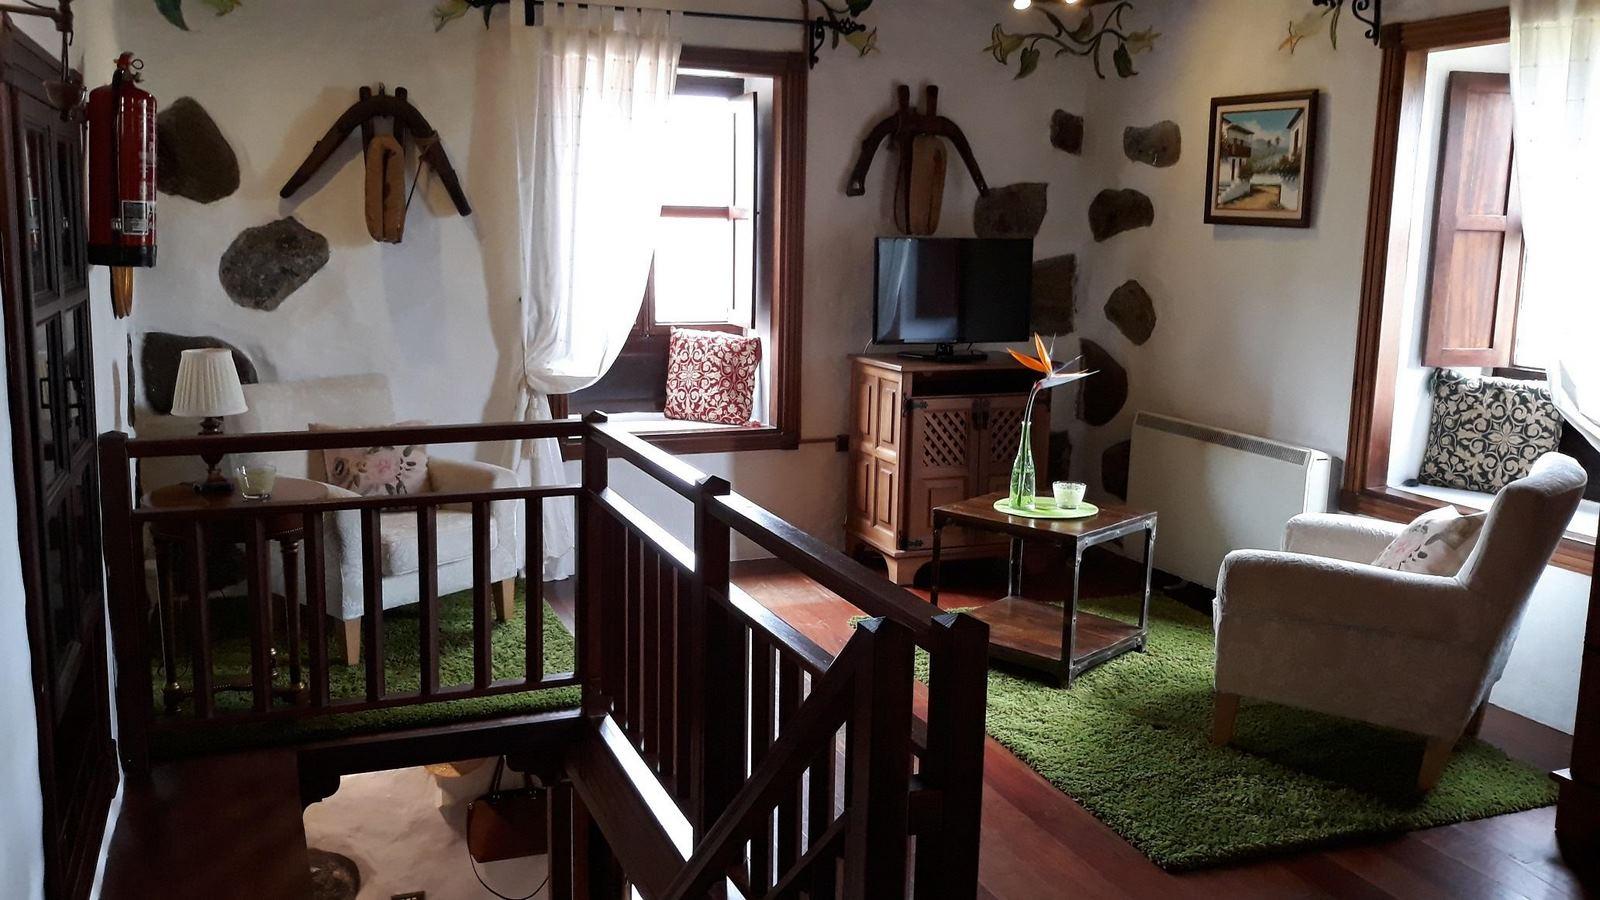 Alquiler vacaciones en Icod de los Vinos, Santa Cruz de Tenerife